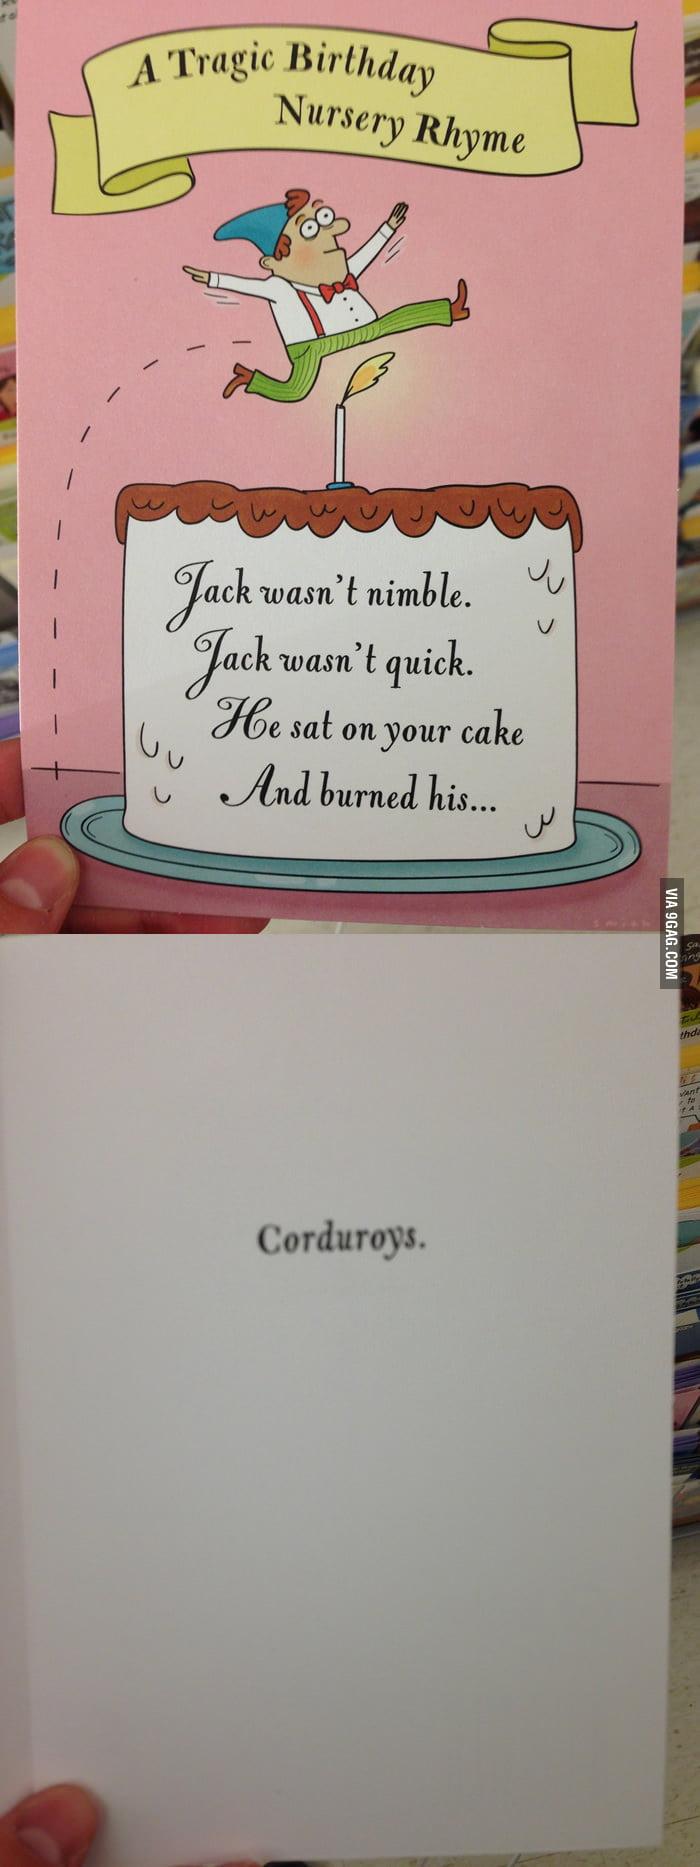 A Tragic Birthday Nursery Rhyme